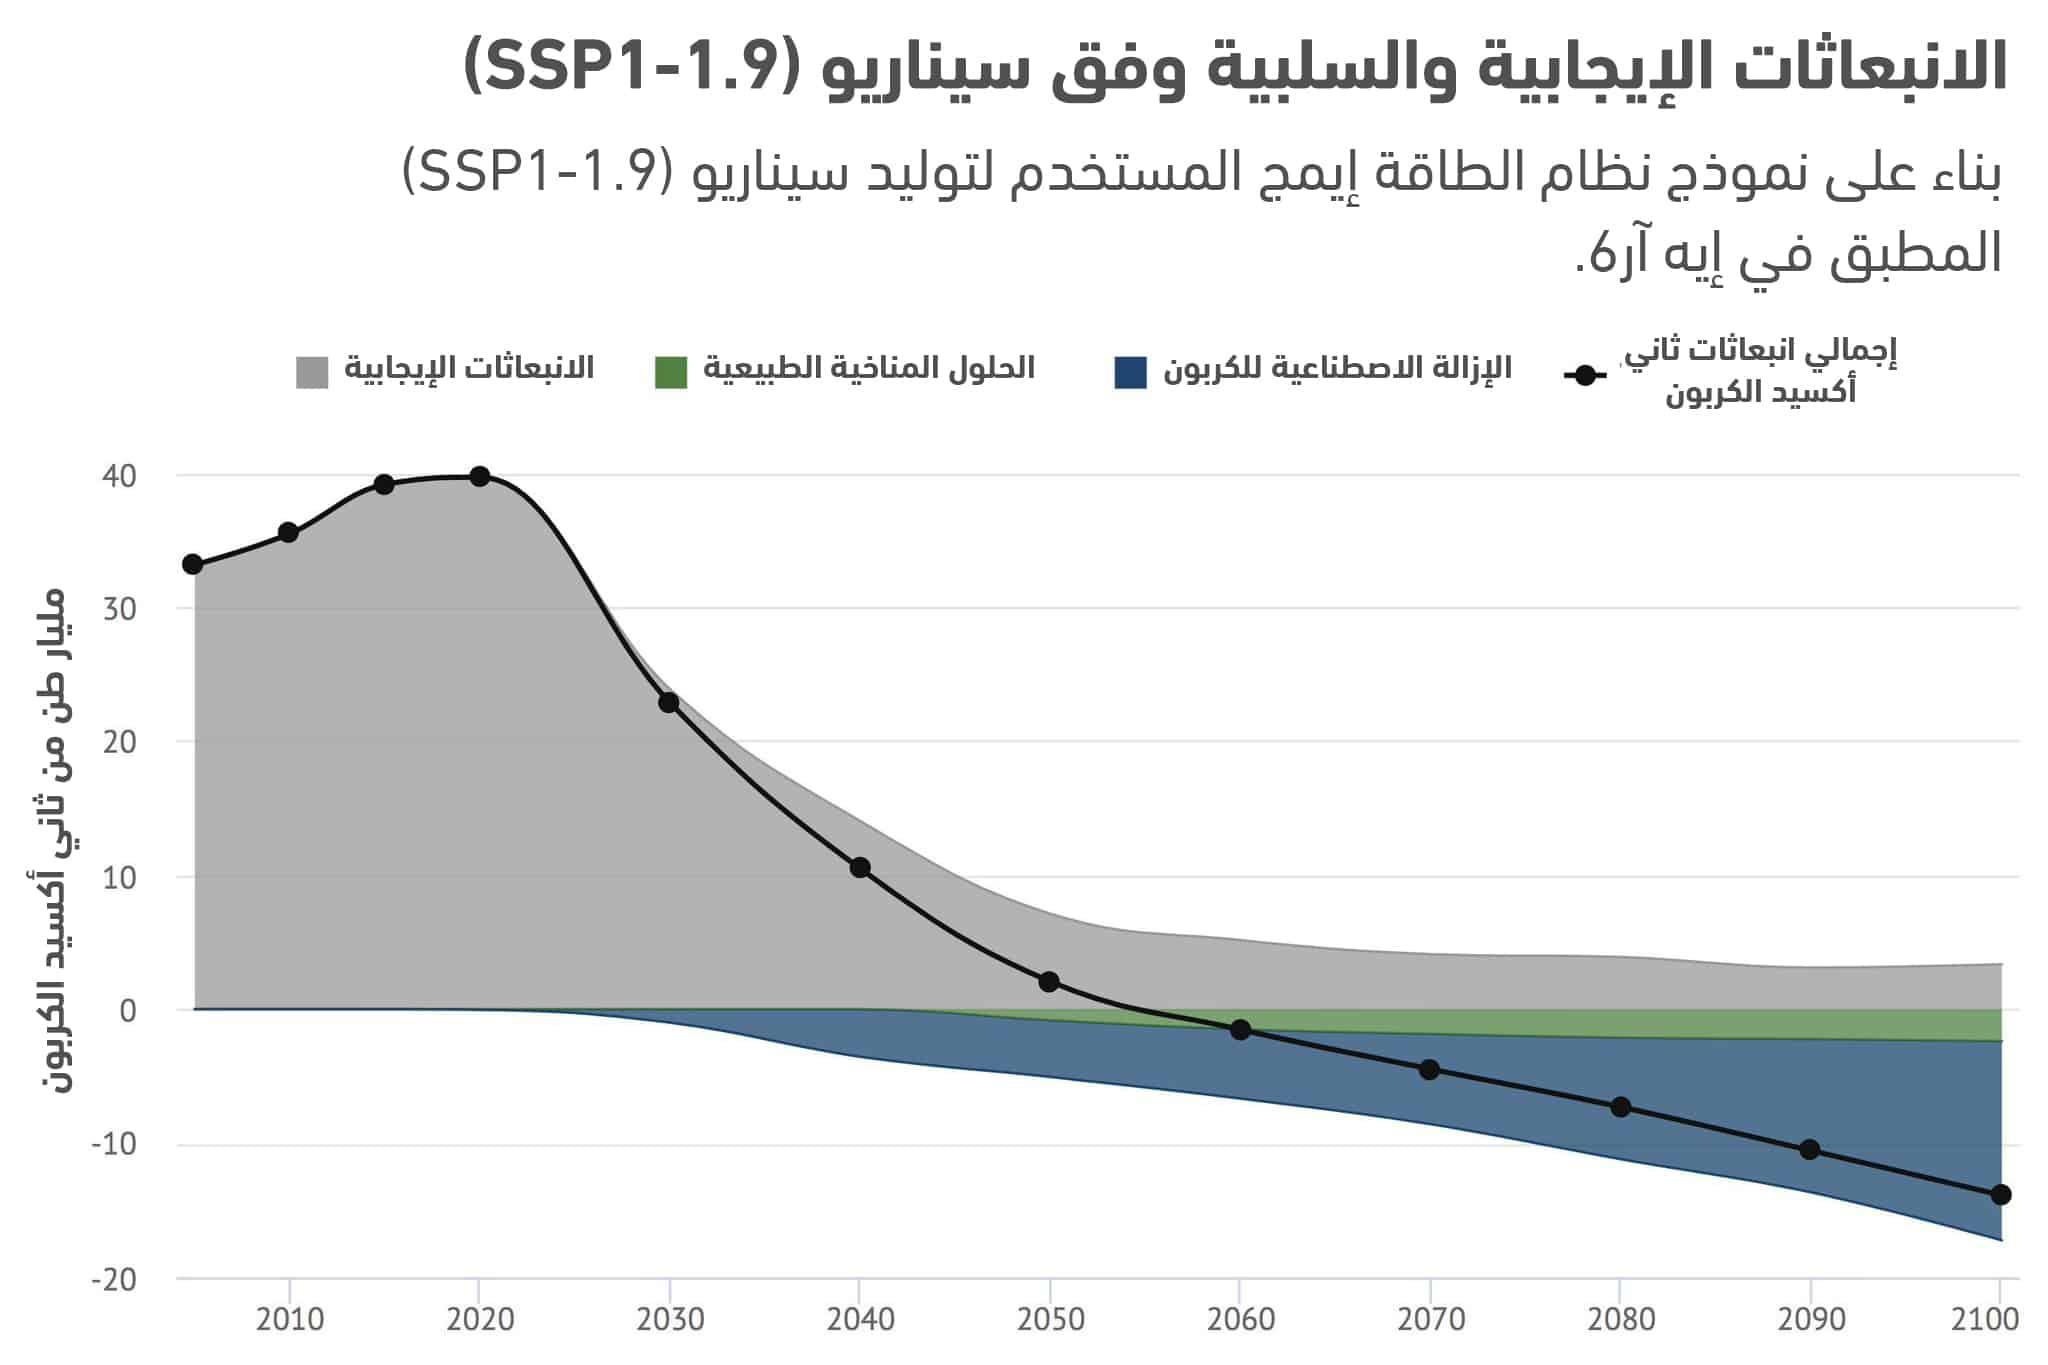 حجم إزالة الكربون المطلوبة